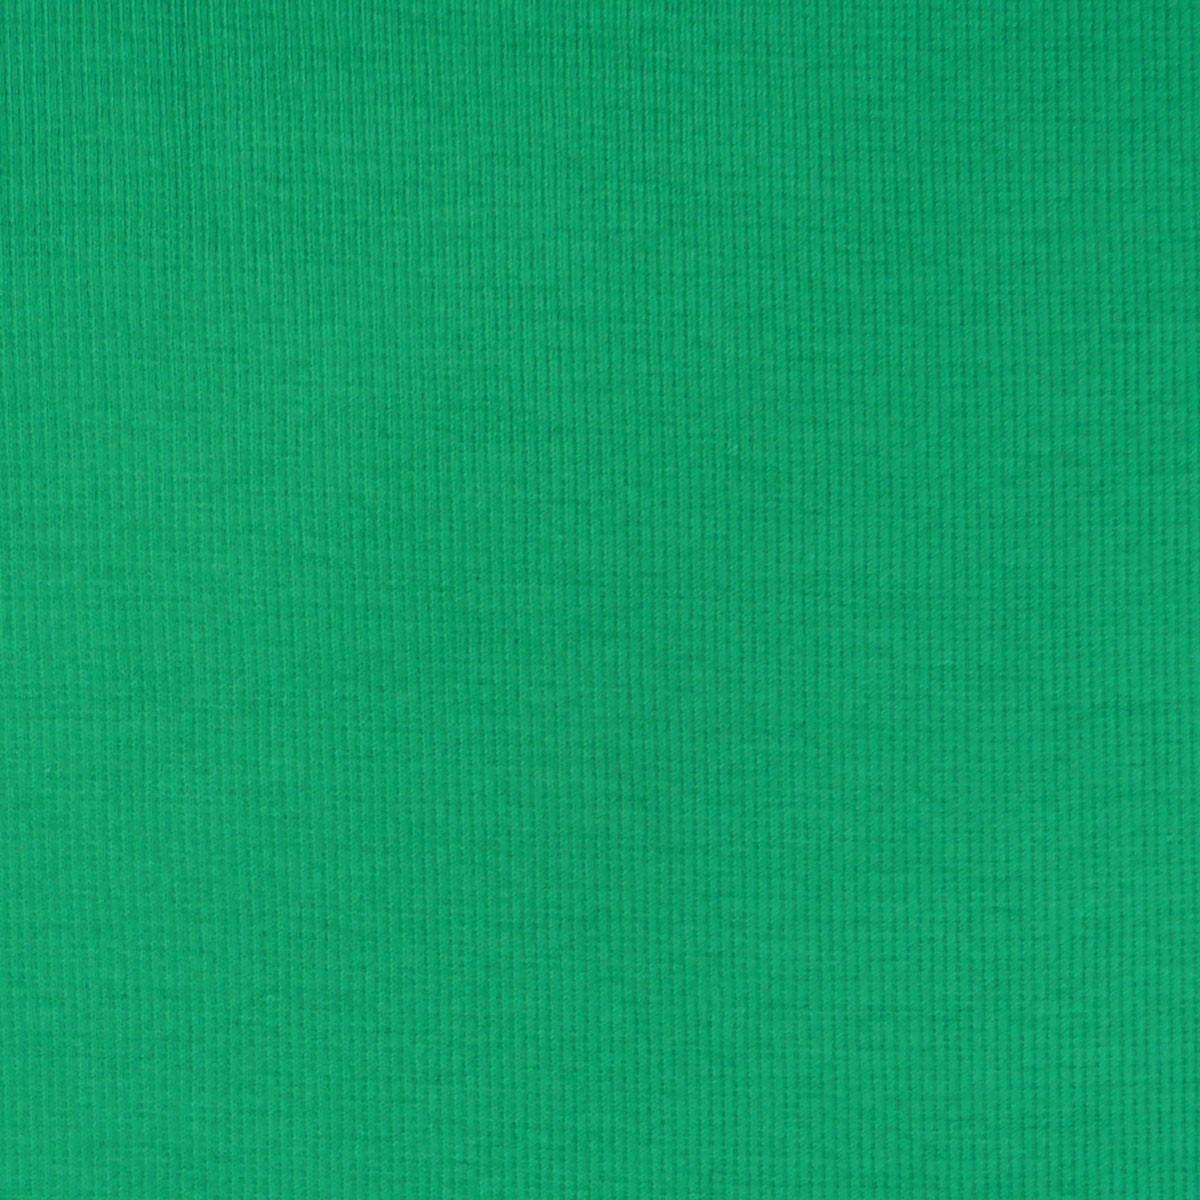 Strickschlauch Bündchenstoff grob grasgrün 27cm Breite